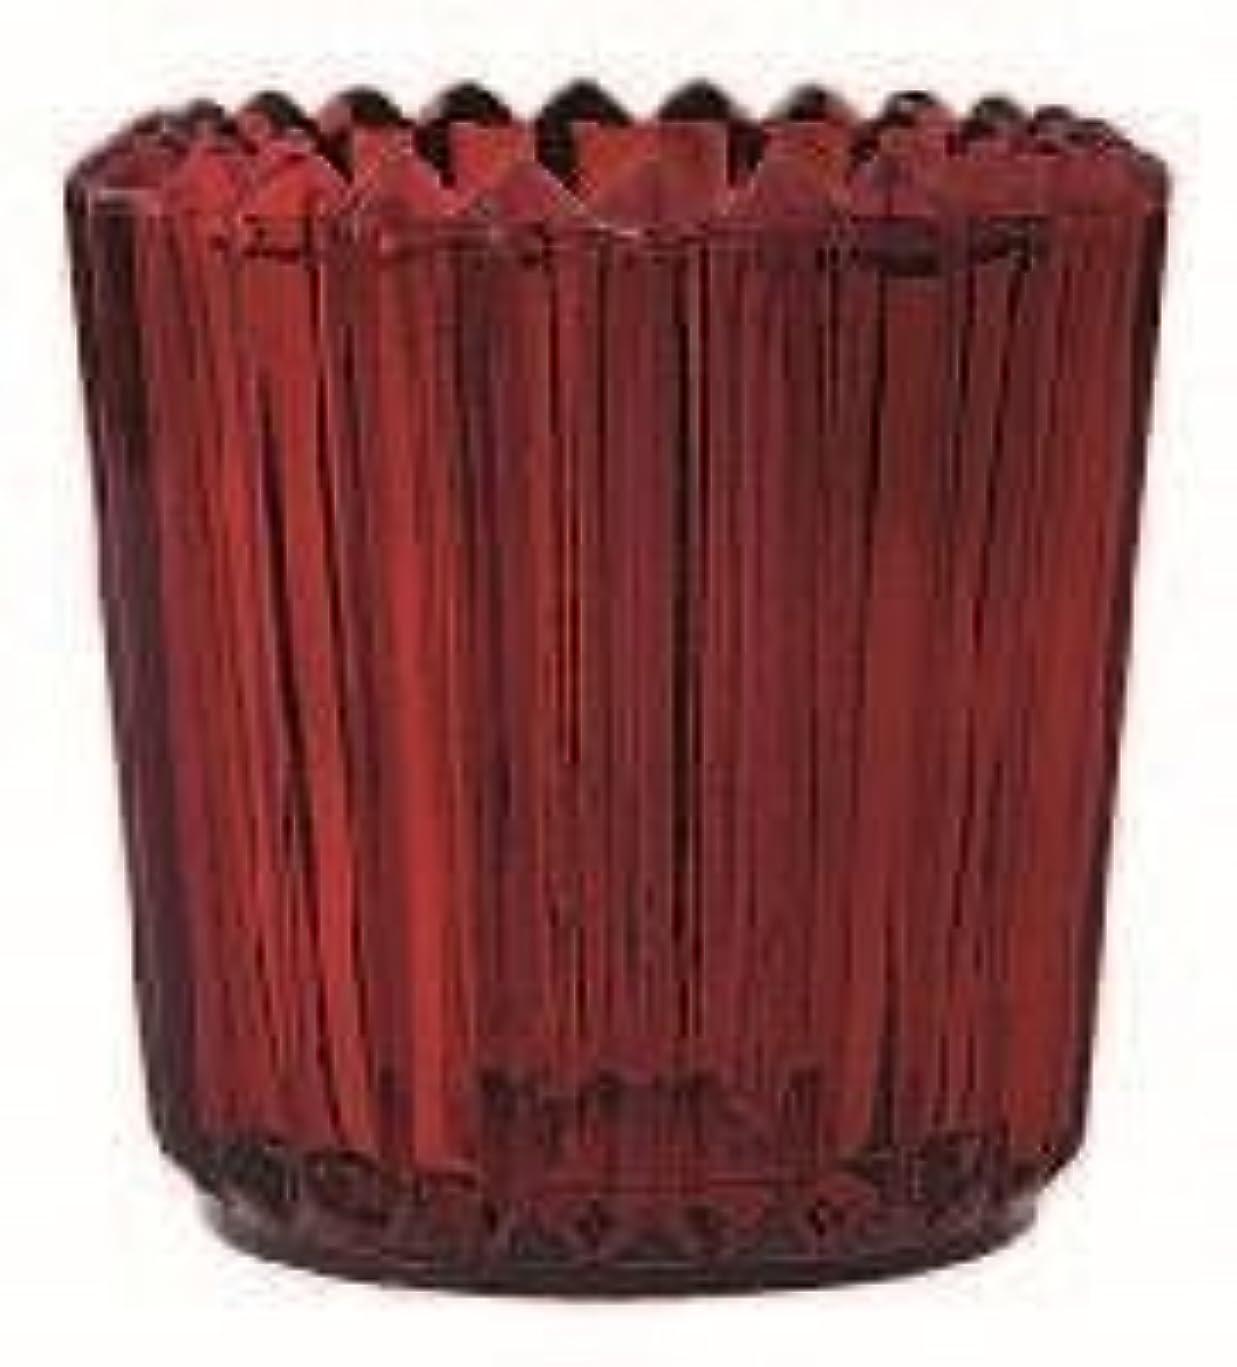 ブレーク法王ダンスkameyama candle(カメヤマキャンドル) ソレイユ 「 レッド 」(J5120000R)